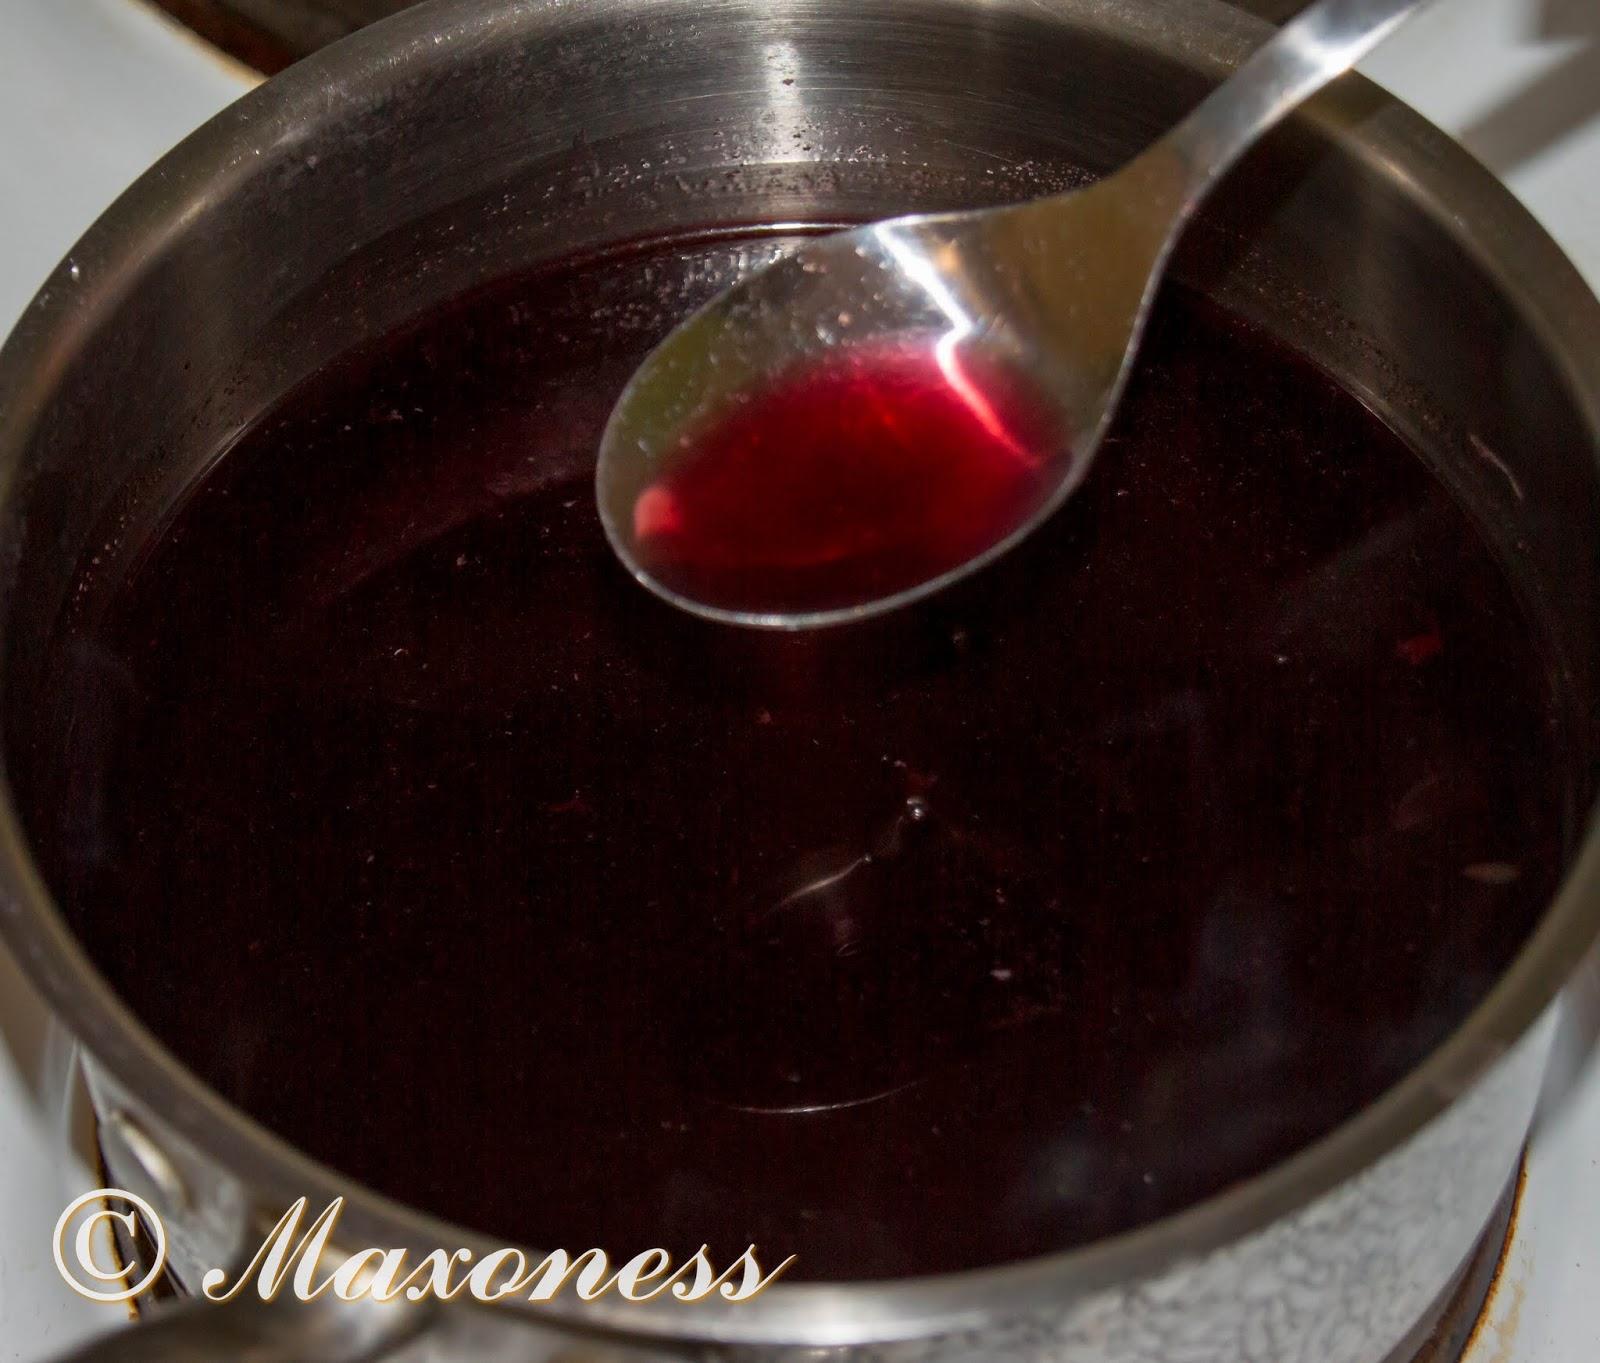 Настойка из черемухи рецепты на водке и самогоне - АлкоФан